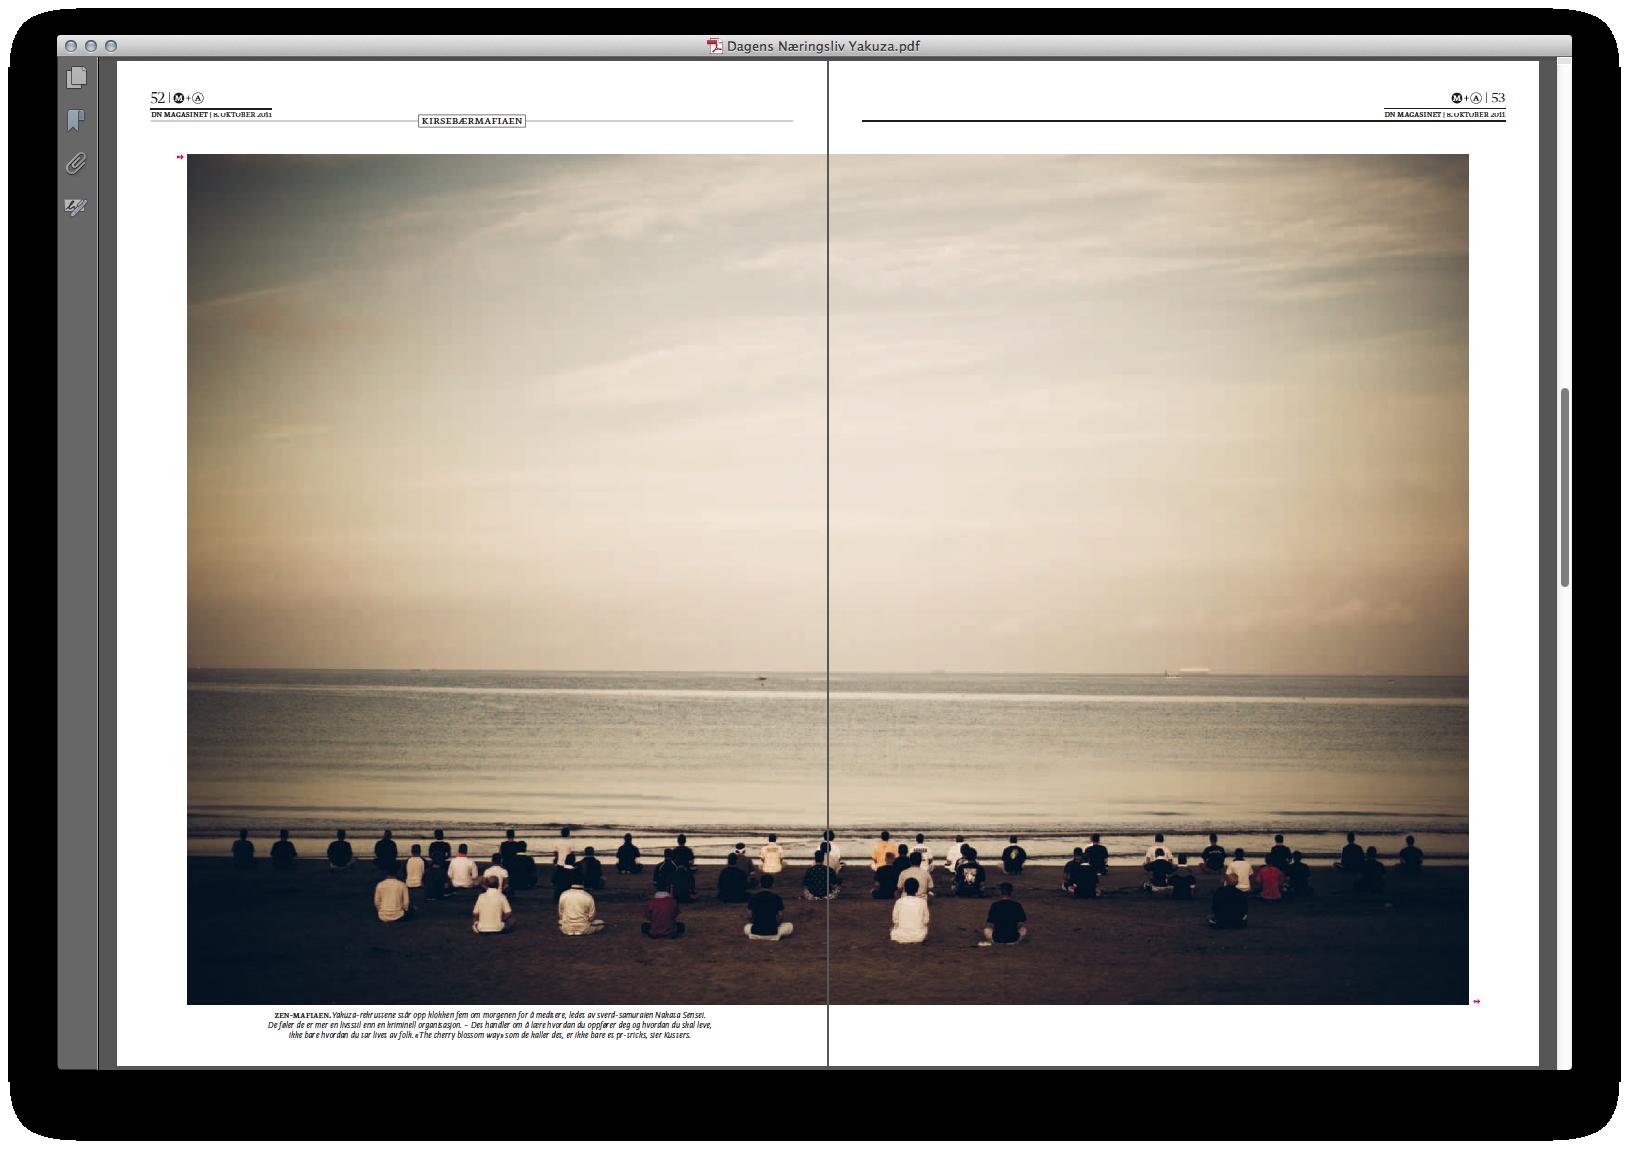 Screen-Shot-2012-02-12-at-14.44.42.png